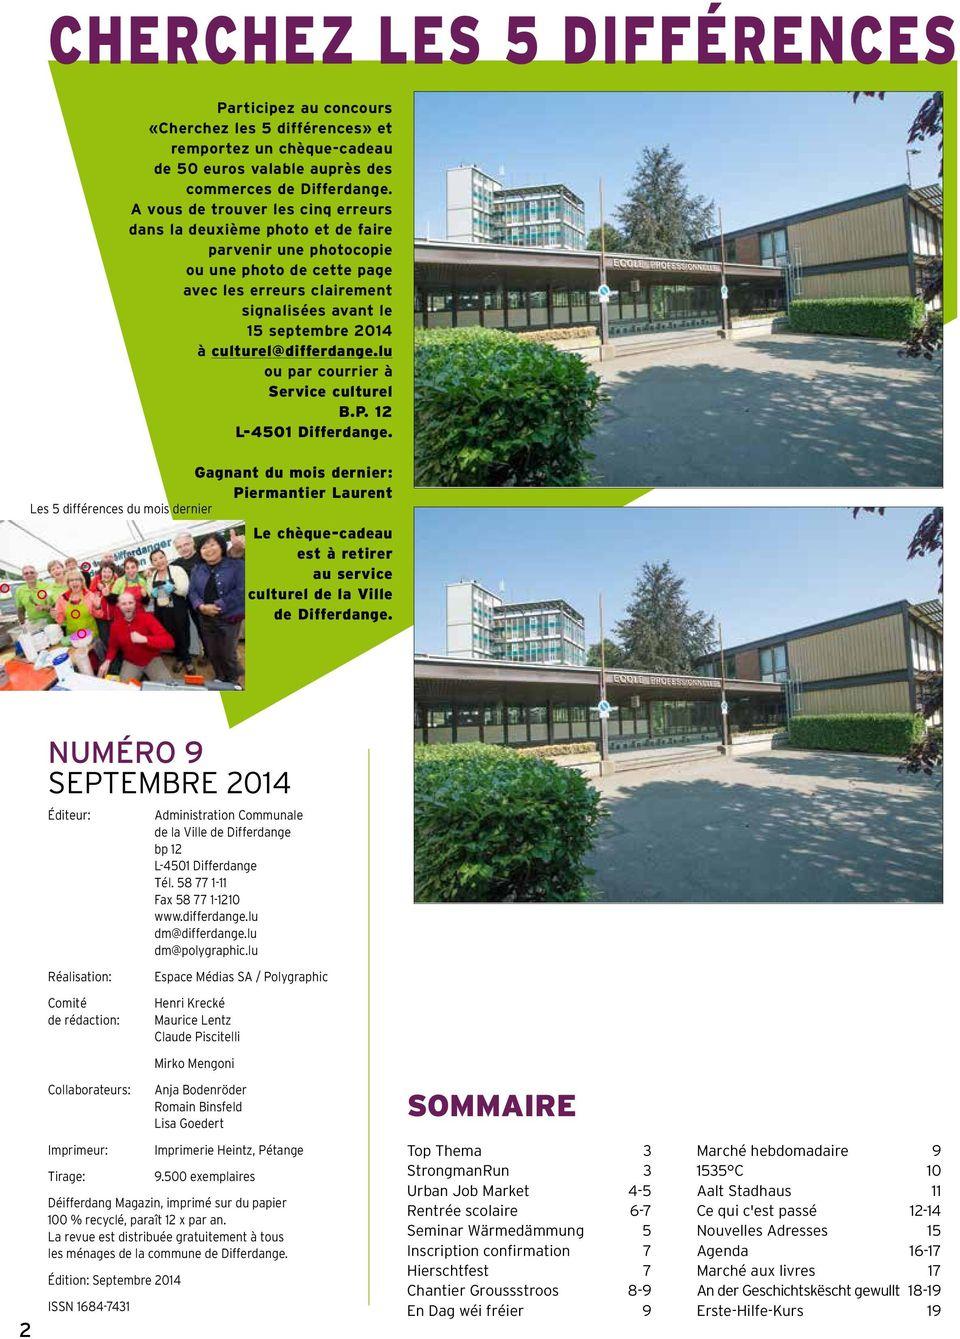 Magazin Déifferdang. Urban Job Market Le 23 Septembre Sur La pour Les 5 Differences